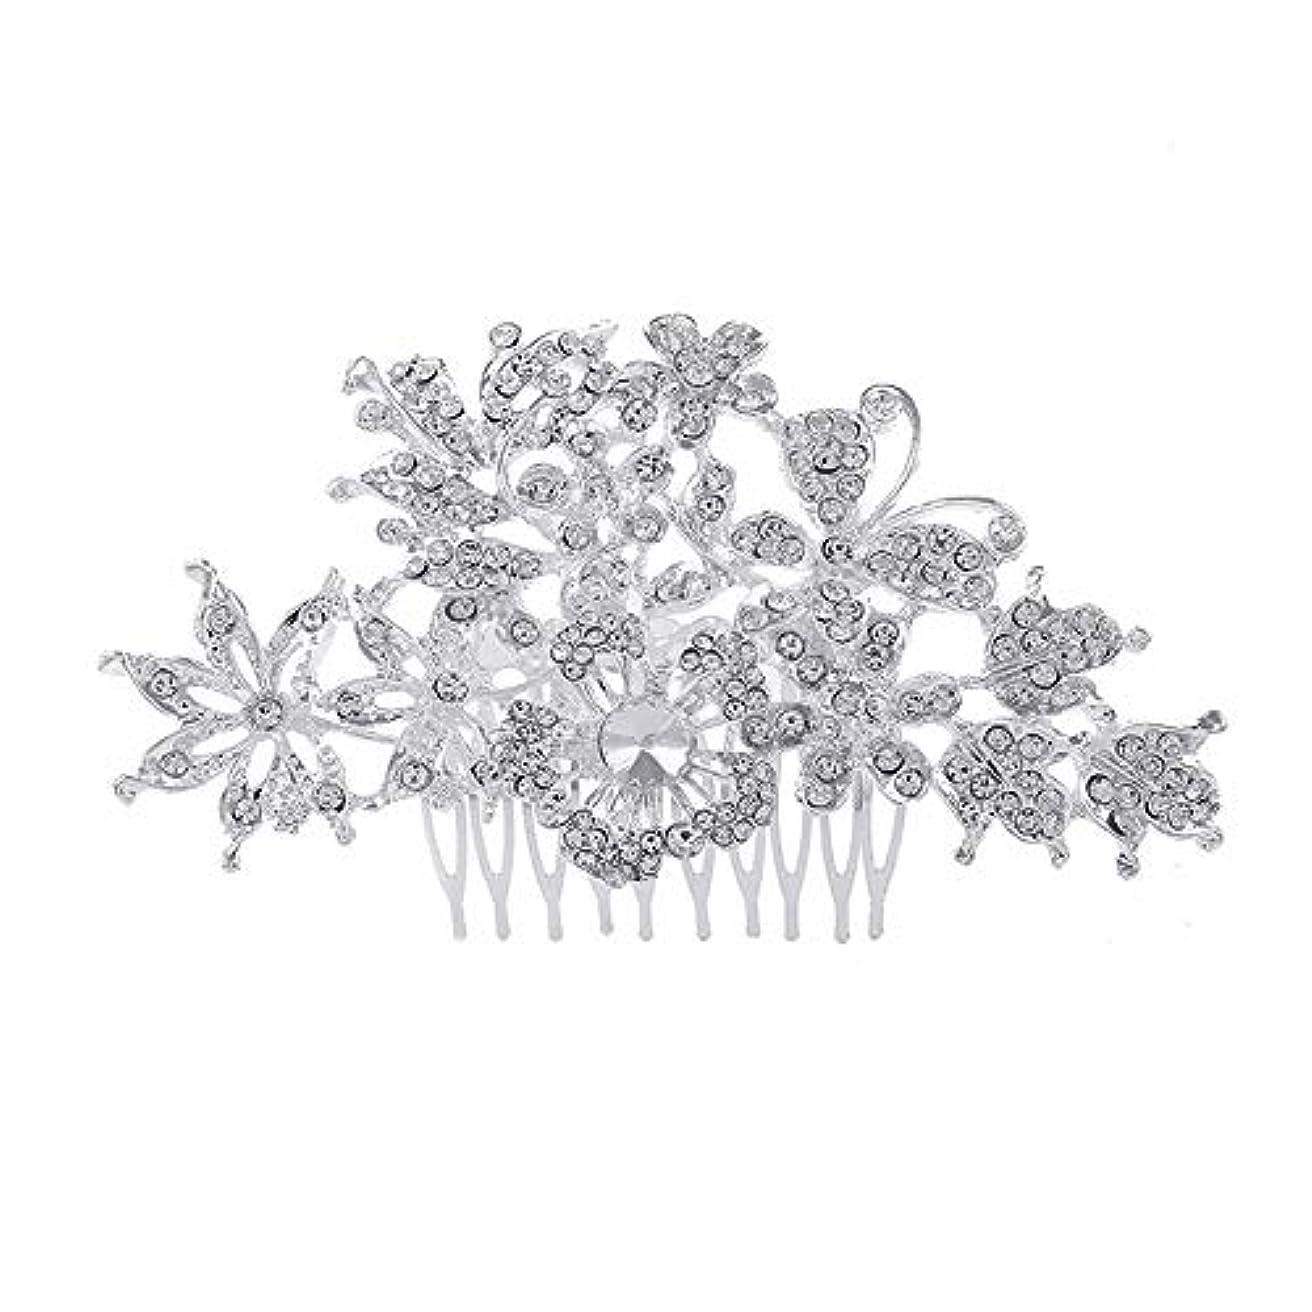 襟厳密ににおい髪の櫛、櫛、花嫁の髪の櫛、亜鉛合金、結婚式のアクセサリー、髪の櫛、髪のアクセサリー、髪の櫛、ラインストーンの櫛